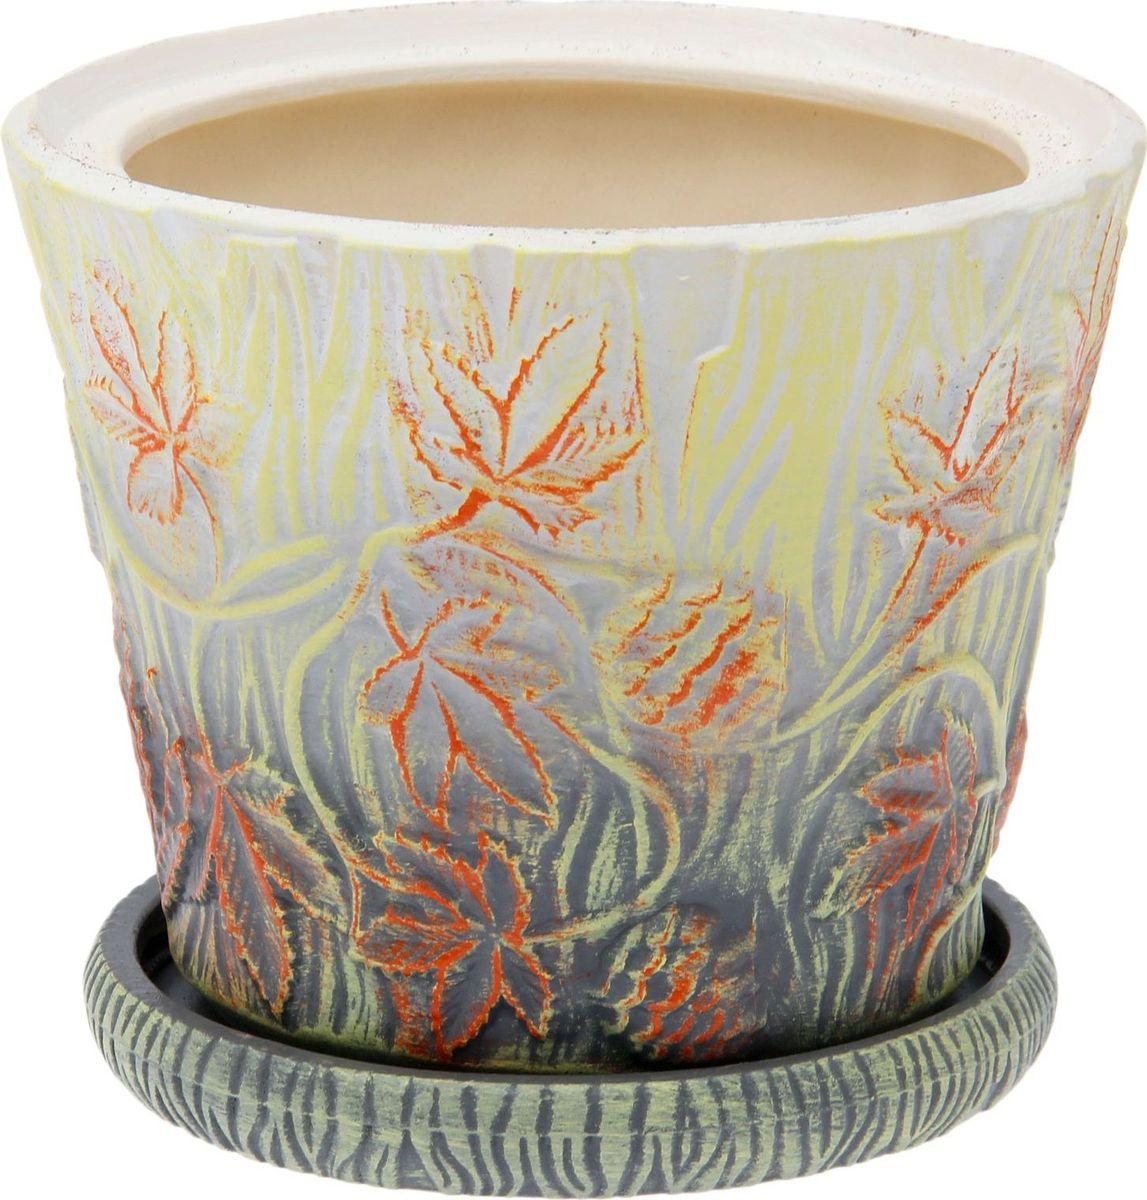 Кашпо Керамика ручной работы Хмель, цвет: желтый, 3 л1502112Комнатные растения — всеобщие любимцы. Они радуют глаз, насыщают помещение кислородом и украшают пространство. Каждому из них необходим свой удобный и красивый дом. Кашпо из керамики прекрасно подходят для высадки растений: за счёт пластичности глины и разных способов обработки существует великое множество форм и дизайновпористый материал позволяет испаряться лишней влагевоздух, необходимый для дыхания корней, проникает сквозь керамические стенки! #name# позаботится о зелёном питомце, освежит интерьер и подчеркнёт его стиль.